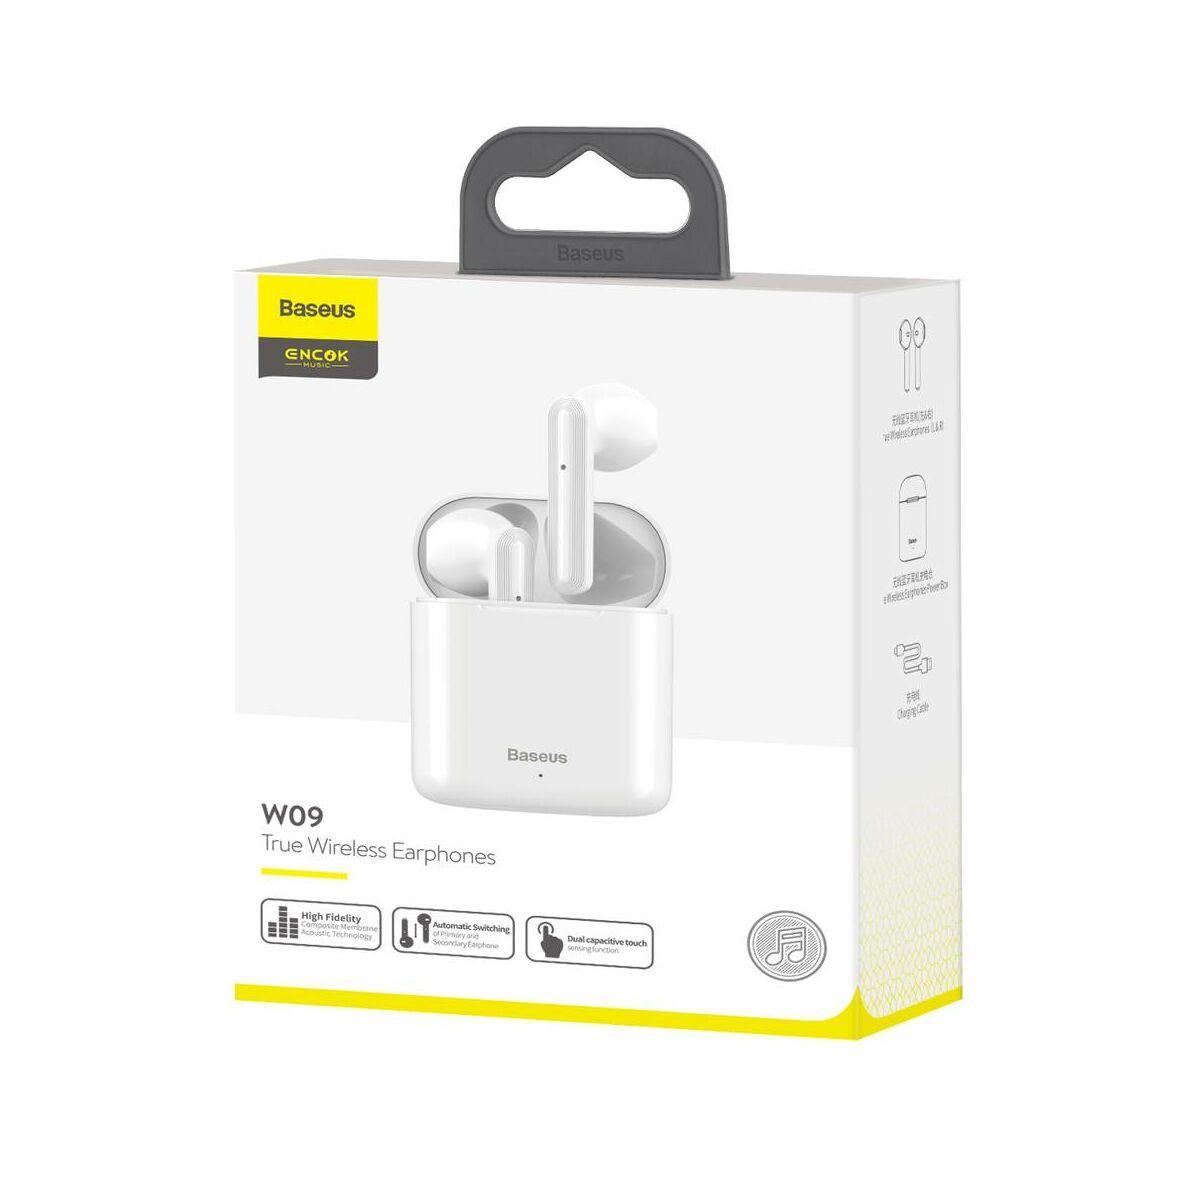 Baseus fülhallgató, Bluetooth Encok W09 True Wireless, vezeték nélküli, BT 5.0 TWS fehér (NGW09-02)